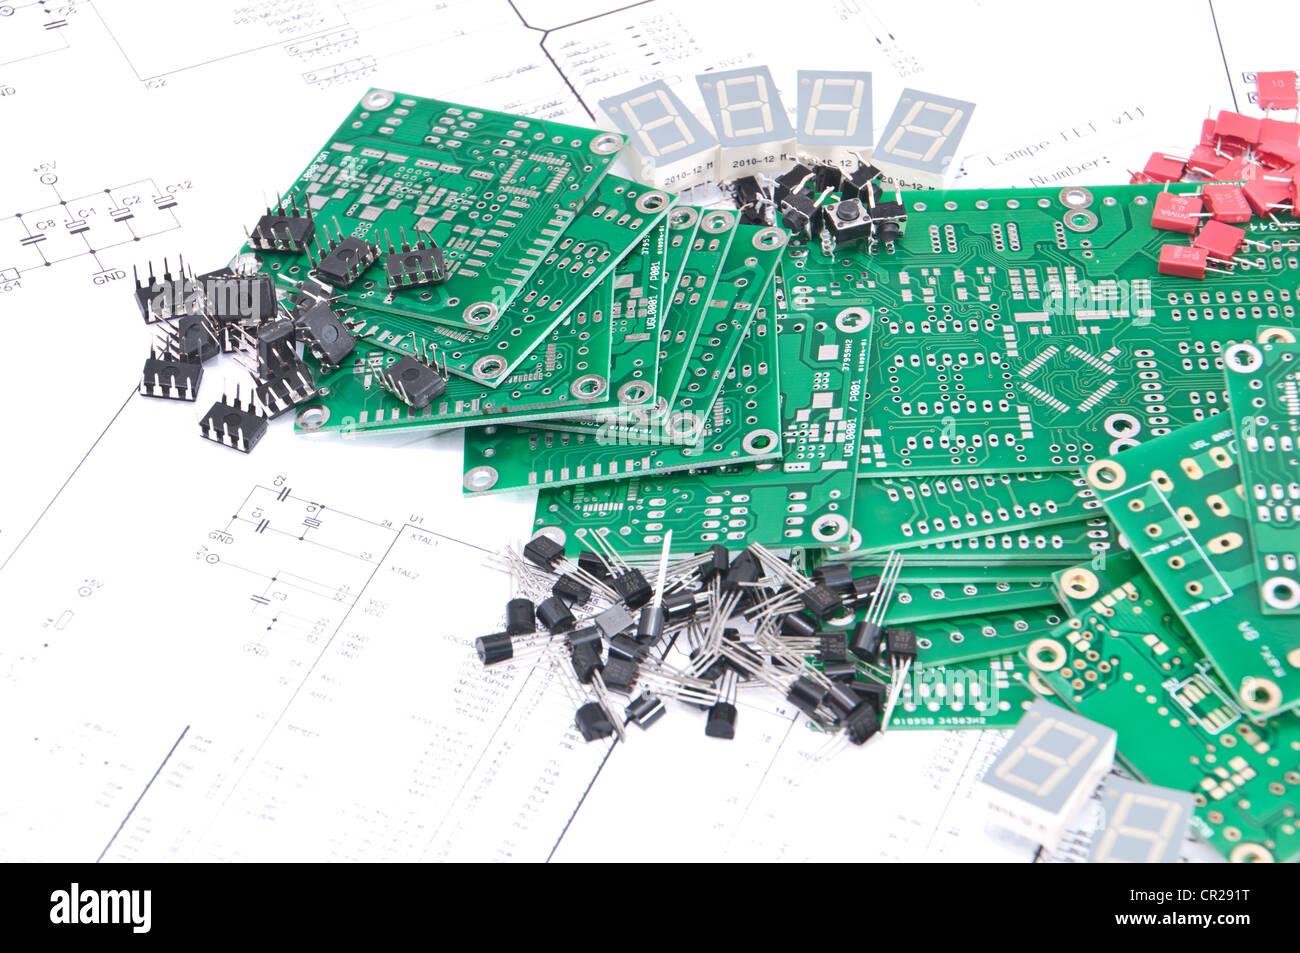 Fantastisch Namen Und Symbole Für Elektronische Komponenten Bilder ...